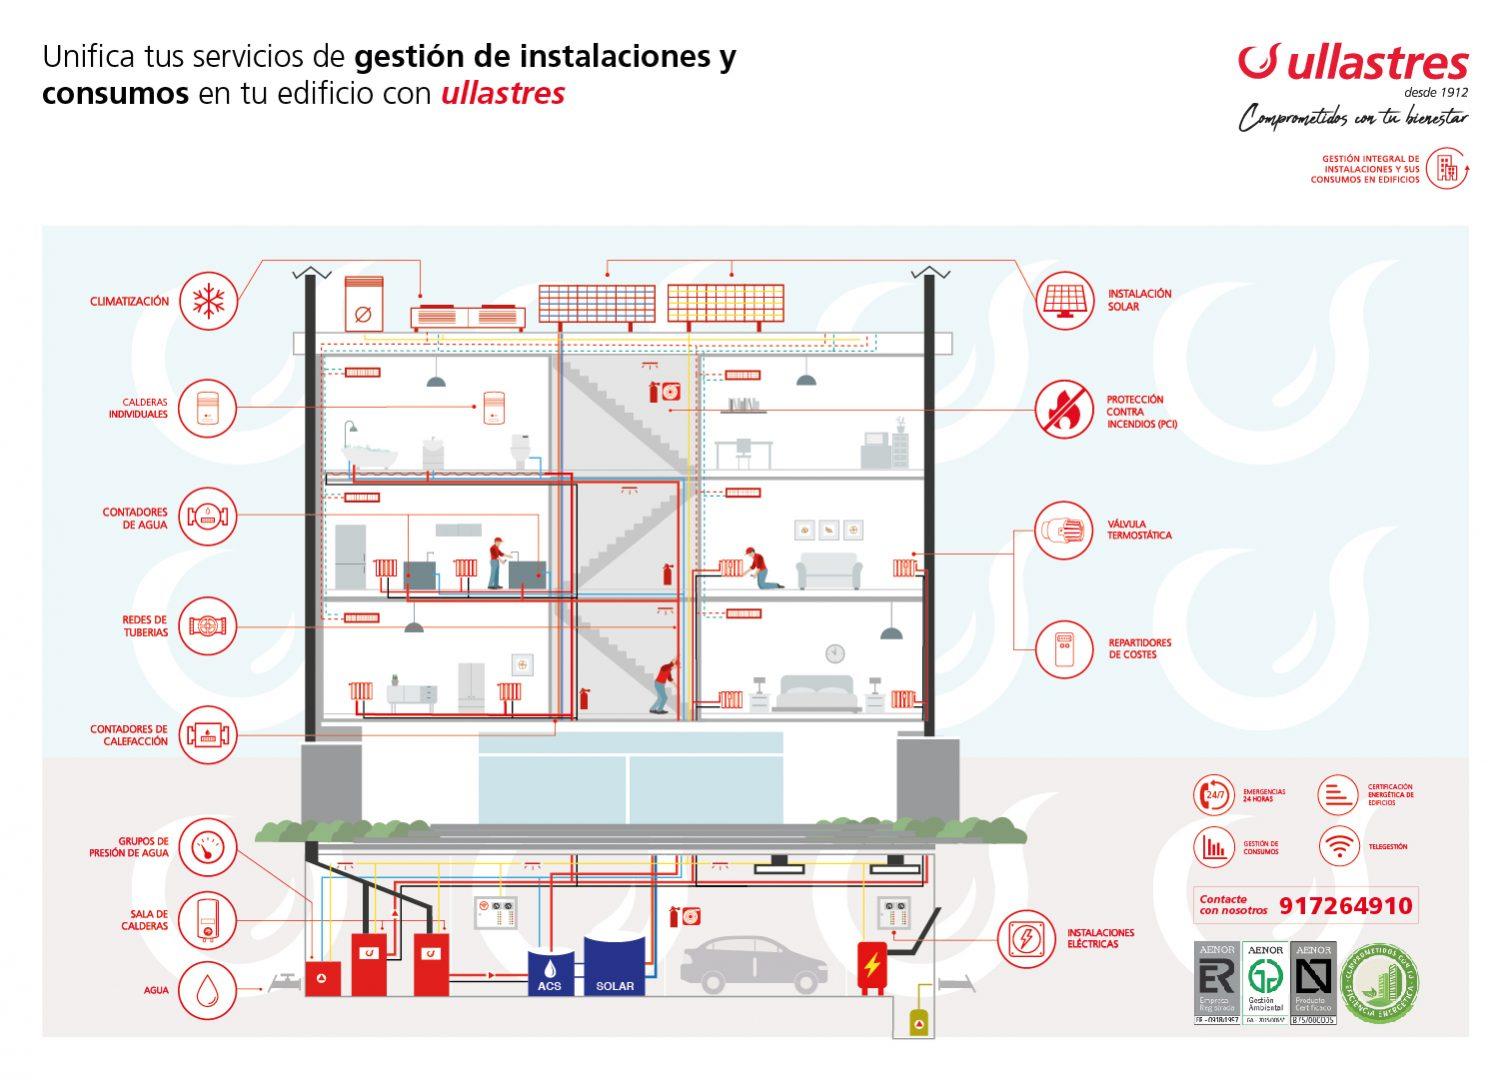 Gestión de instalaciones y consumos